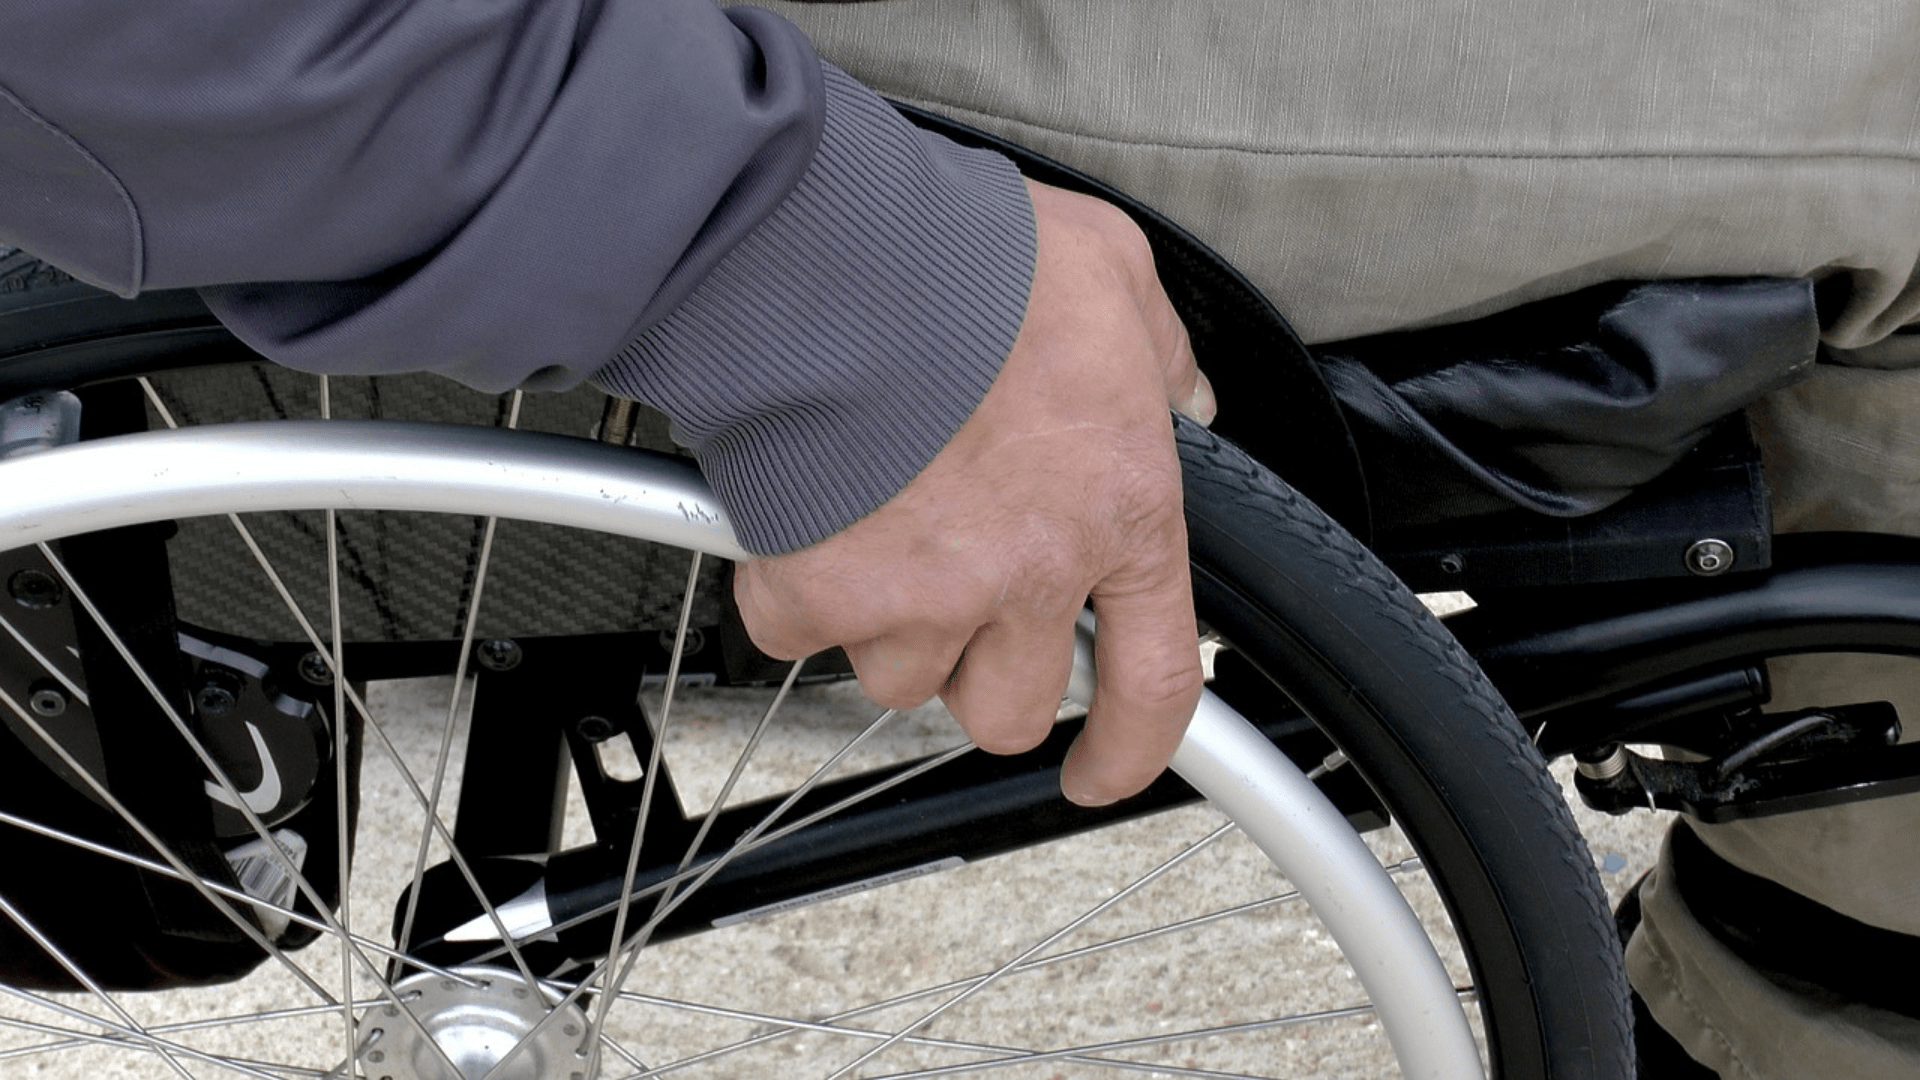 Rollstuhlnutzer, Bild von Sabine GENET auf Pixabay